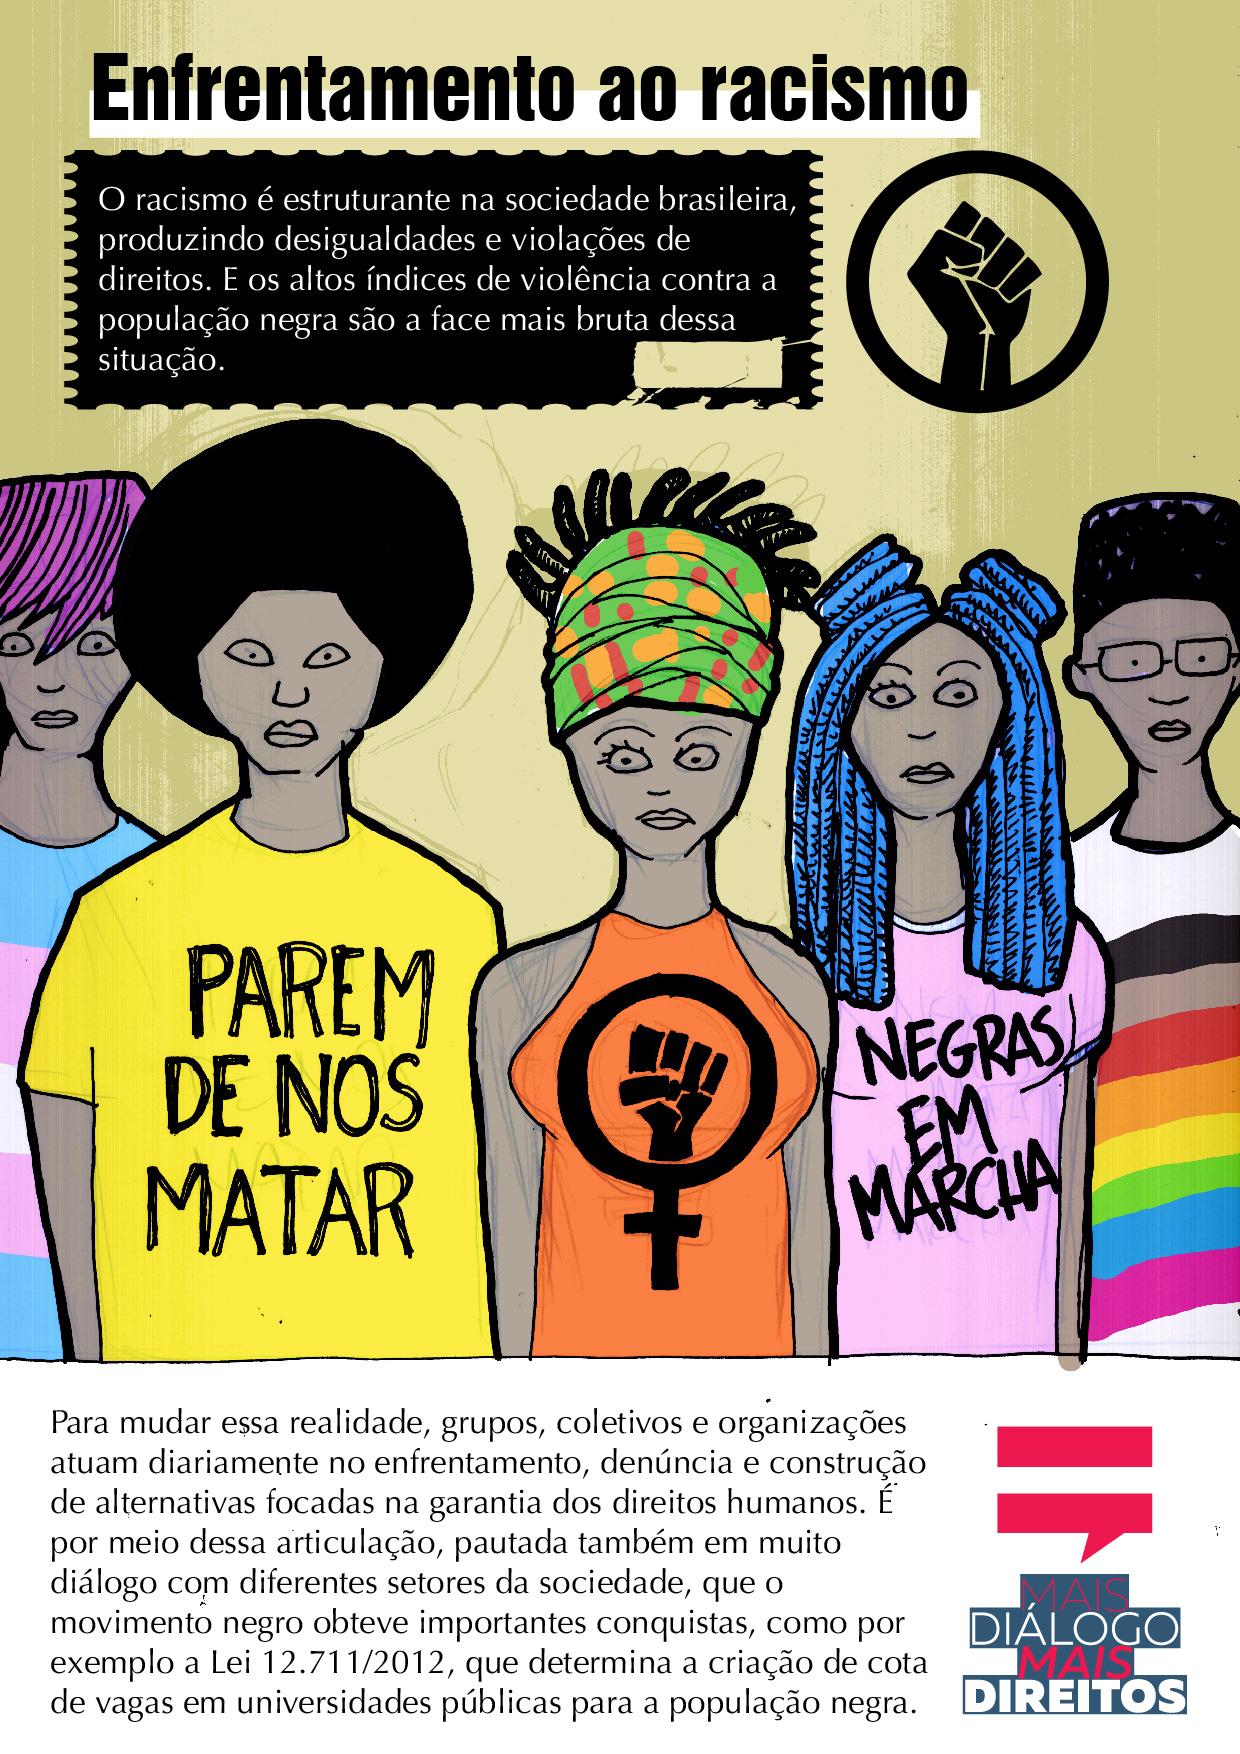 Afrodescendentes